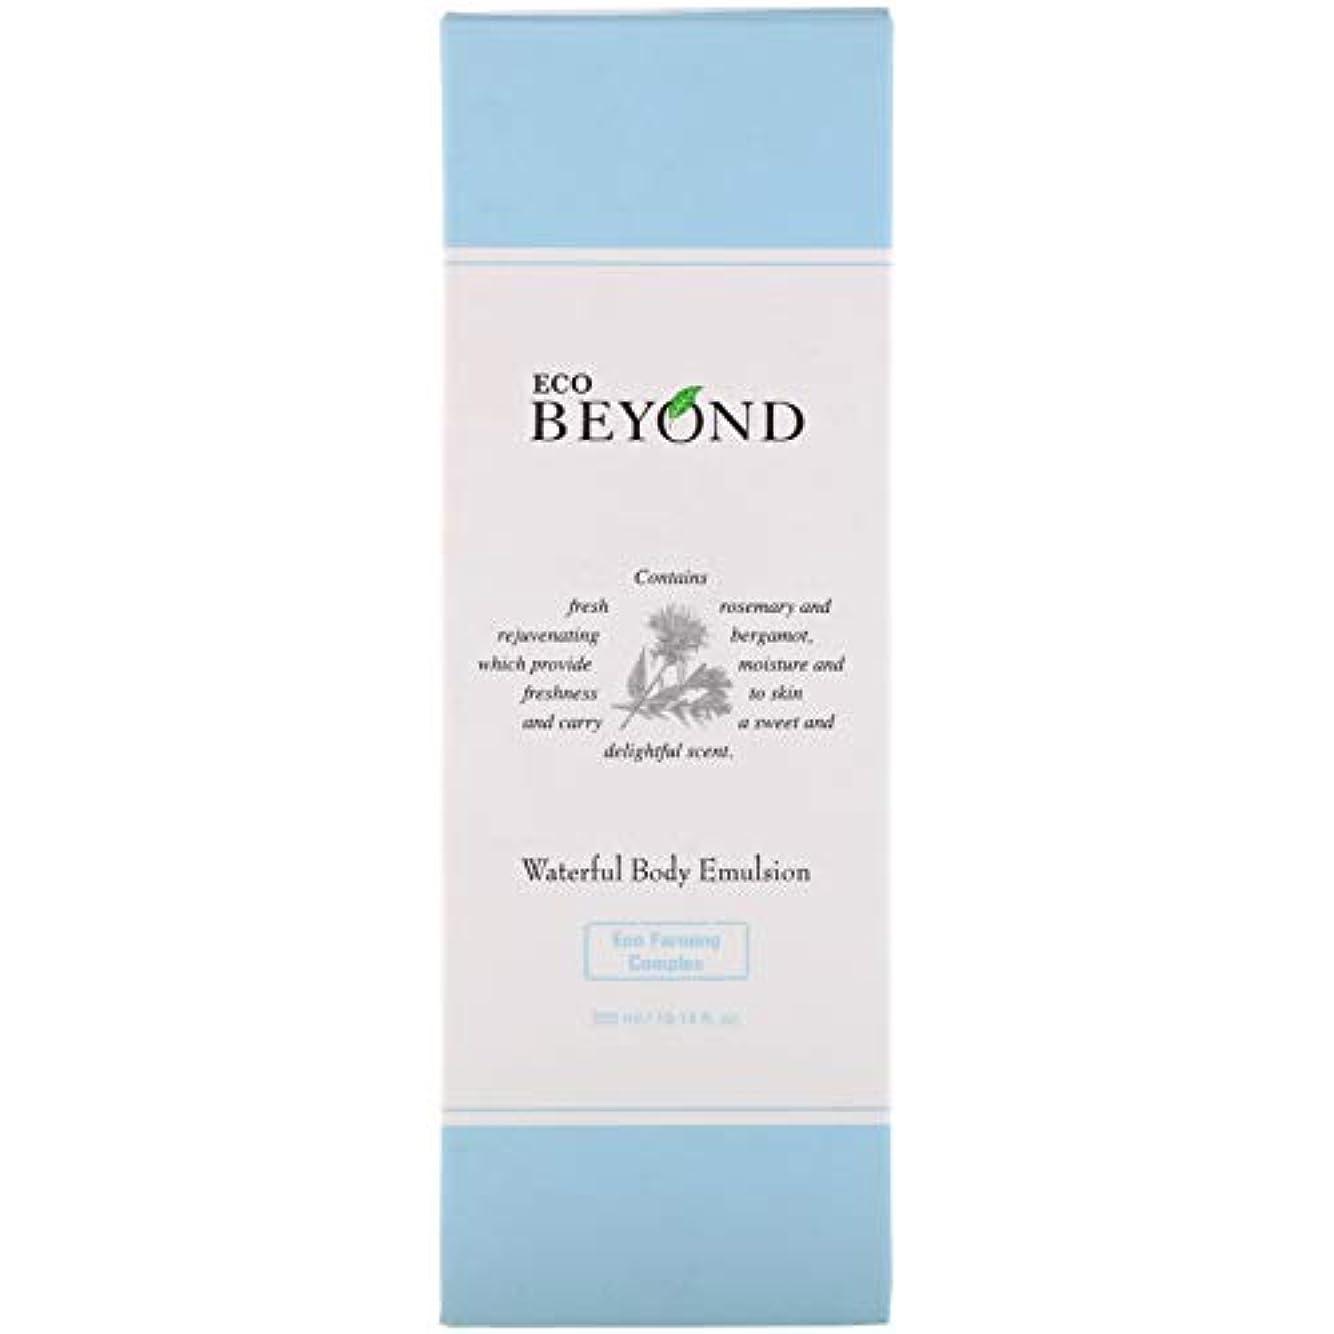 議題日没皮肉な[ビヨンド] BEYOND [ウォーターフル ボディ エマルジョン 300ml] Waterful Body Emulsion 300ml [海外直送品]